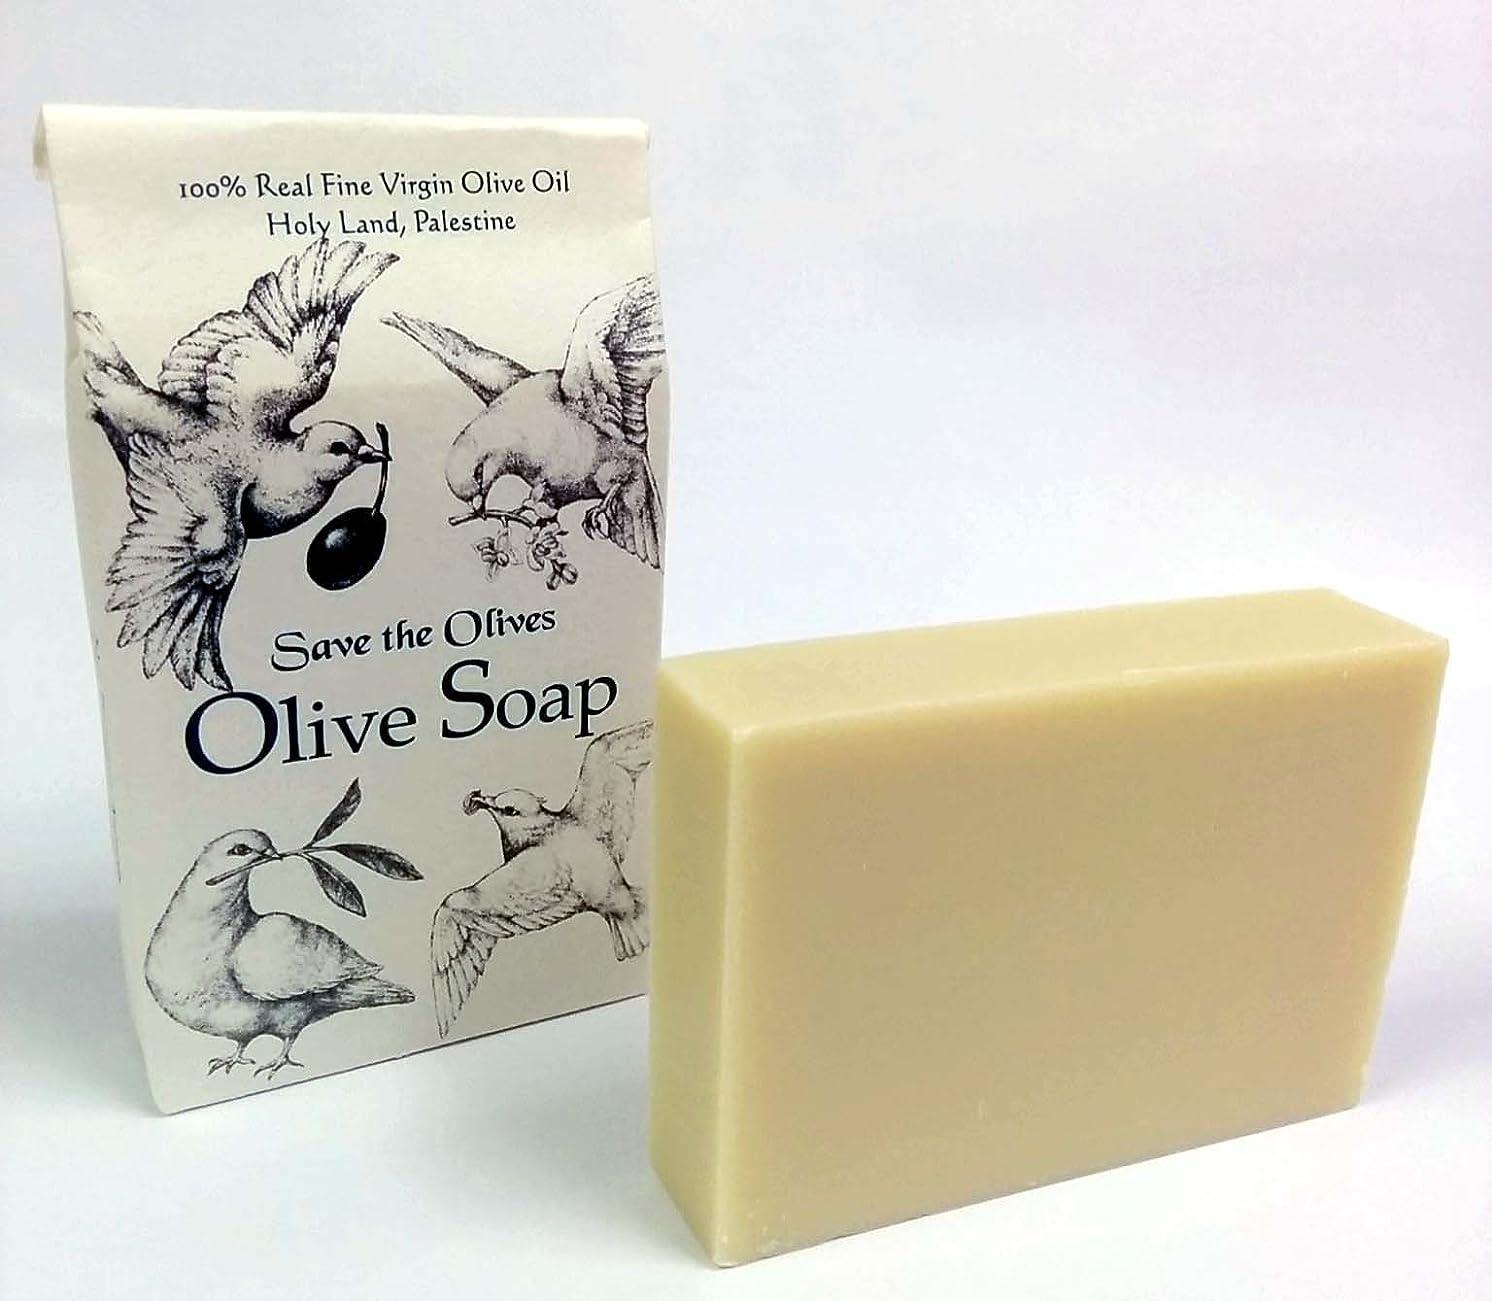 バレーボールはい主張[パレスチナ]セーブ?ザ?オリーブのオリーブ石けん ノーマルタイプ80g Olive Soap made from Palestinian Olive Oil